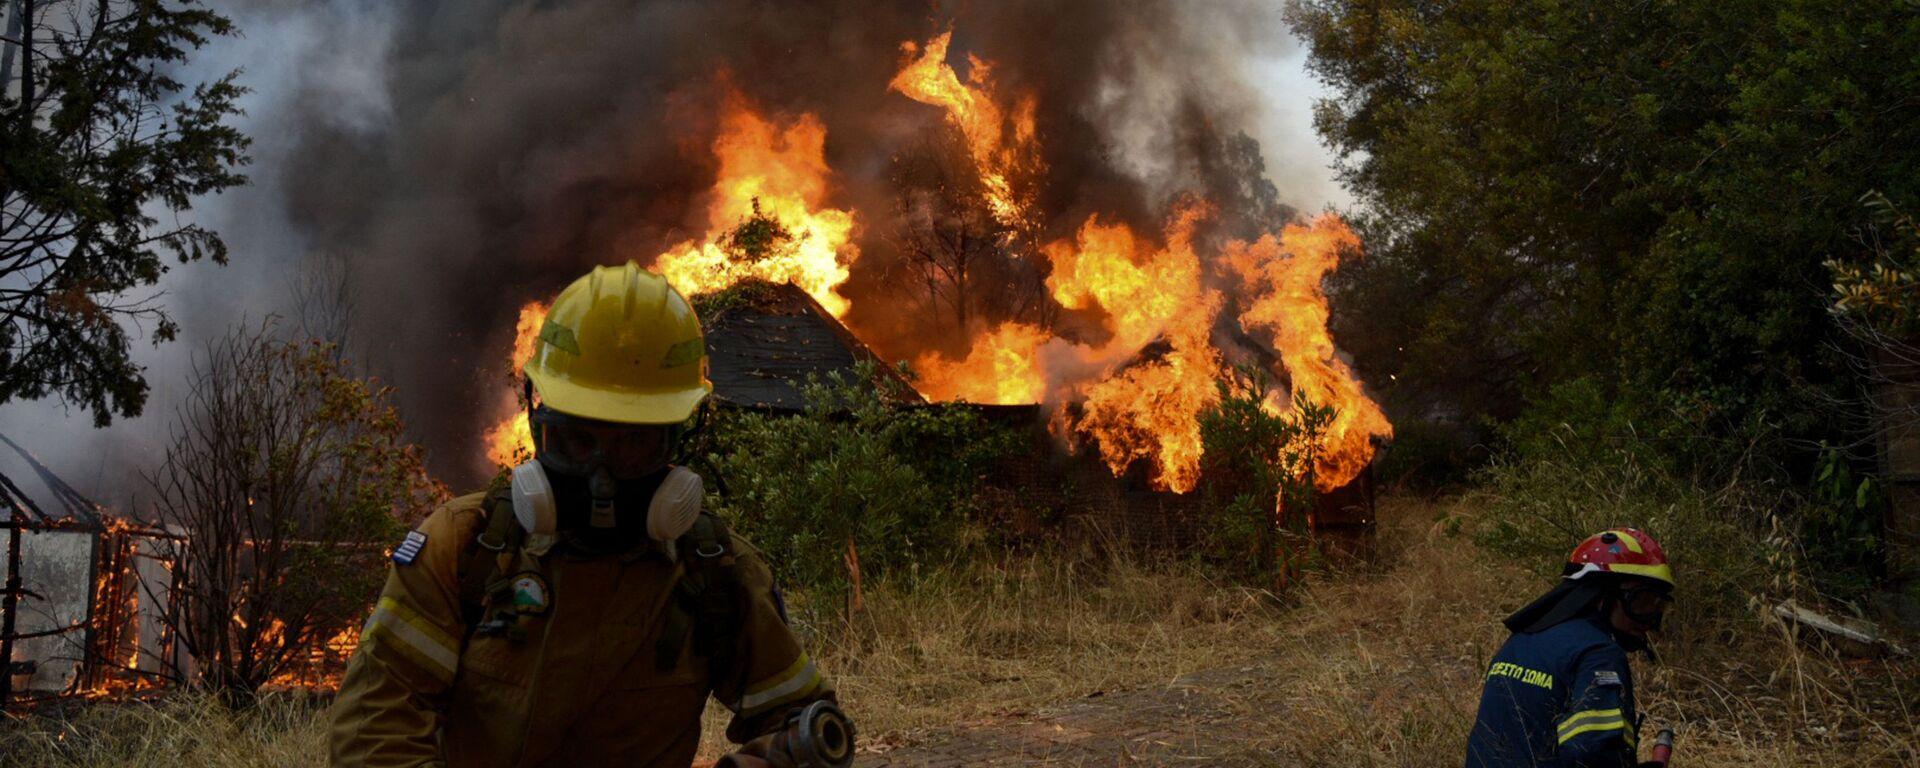 I vigili del fuoco combattono contro un incendio vicino alla città greca di Patrasso - Sputnik Italia, 1920, 02.08.2021